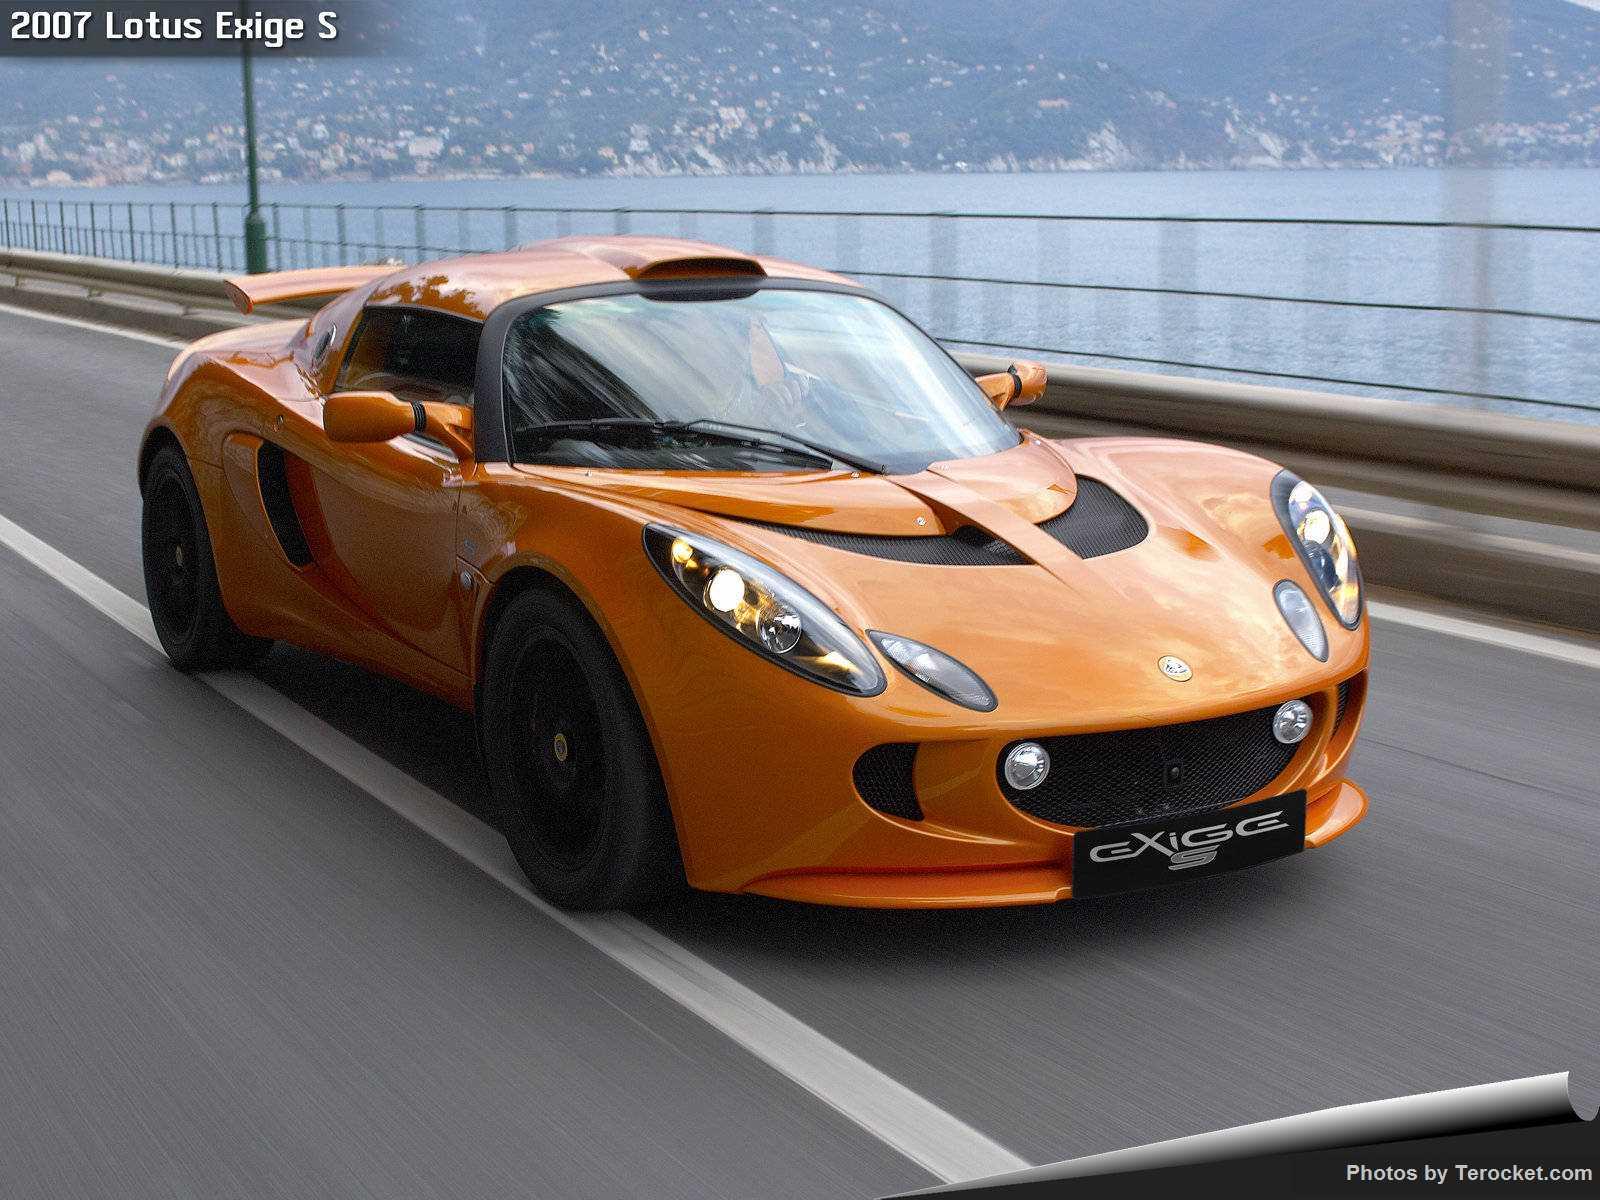 Hình ảnh siêu xe Lotus Exige S 2007 & nội ngoại thất